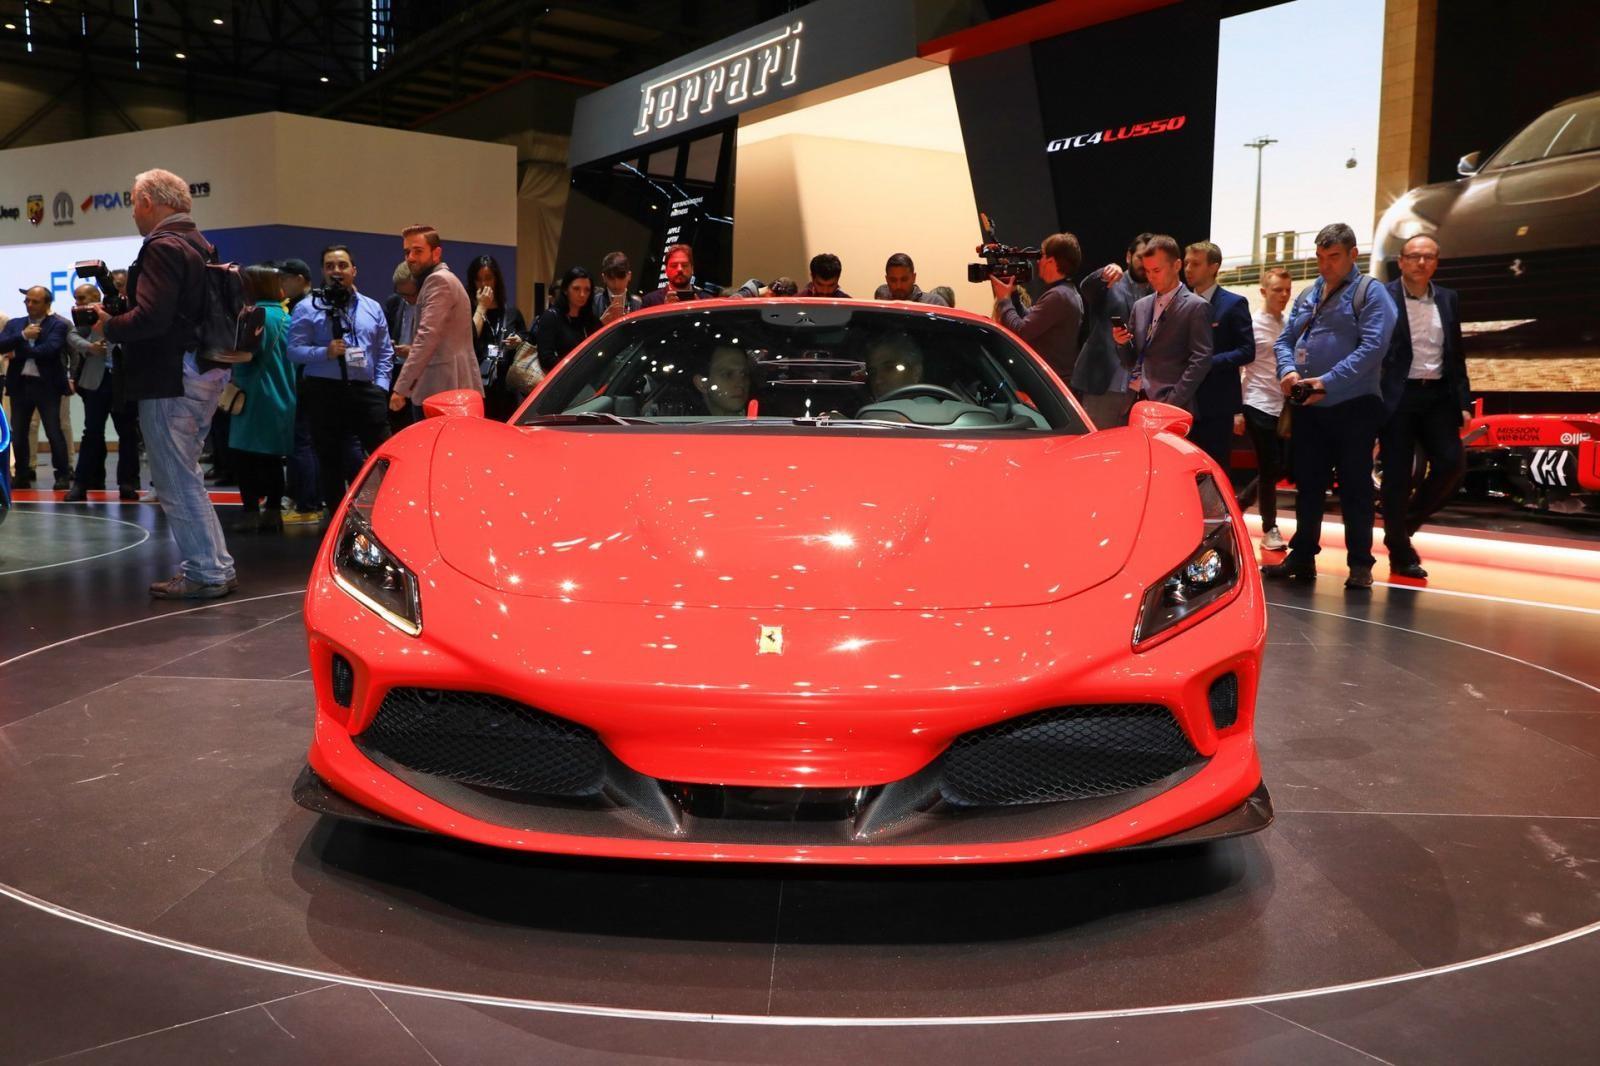 Ferrari F8 Tributo chính thức ra mắt đặt dấu chấm hết cho siêu xe Ferrari 488 GTB